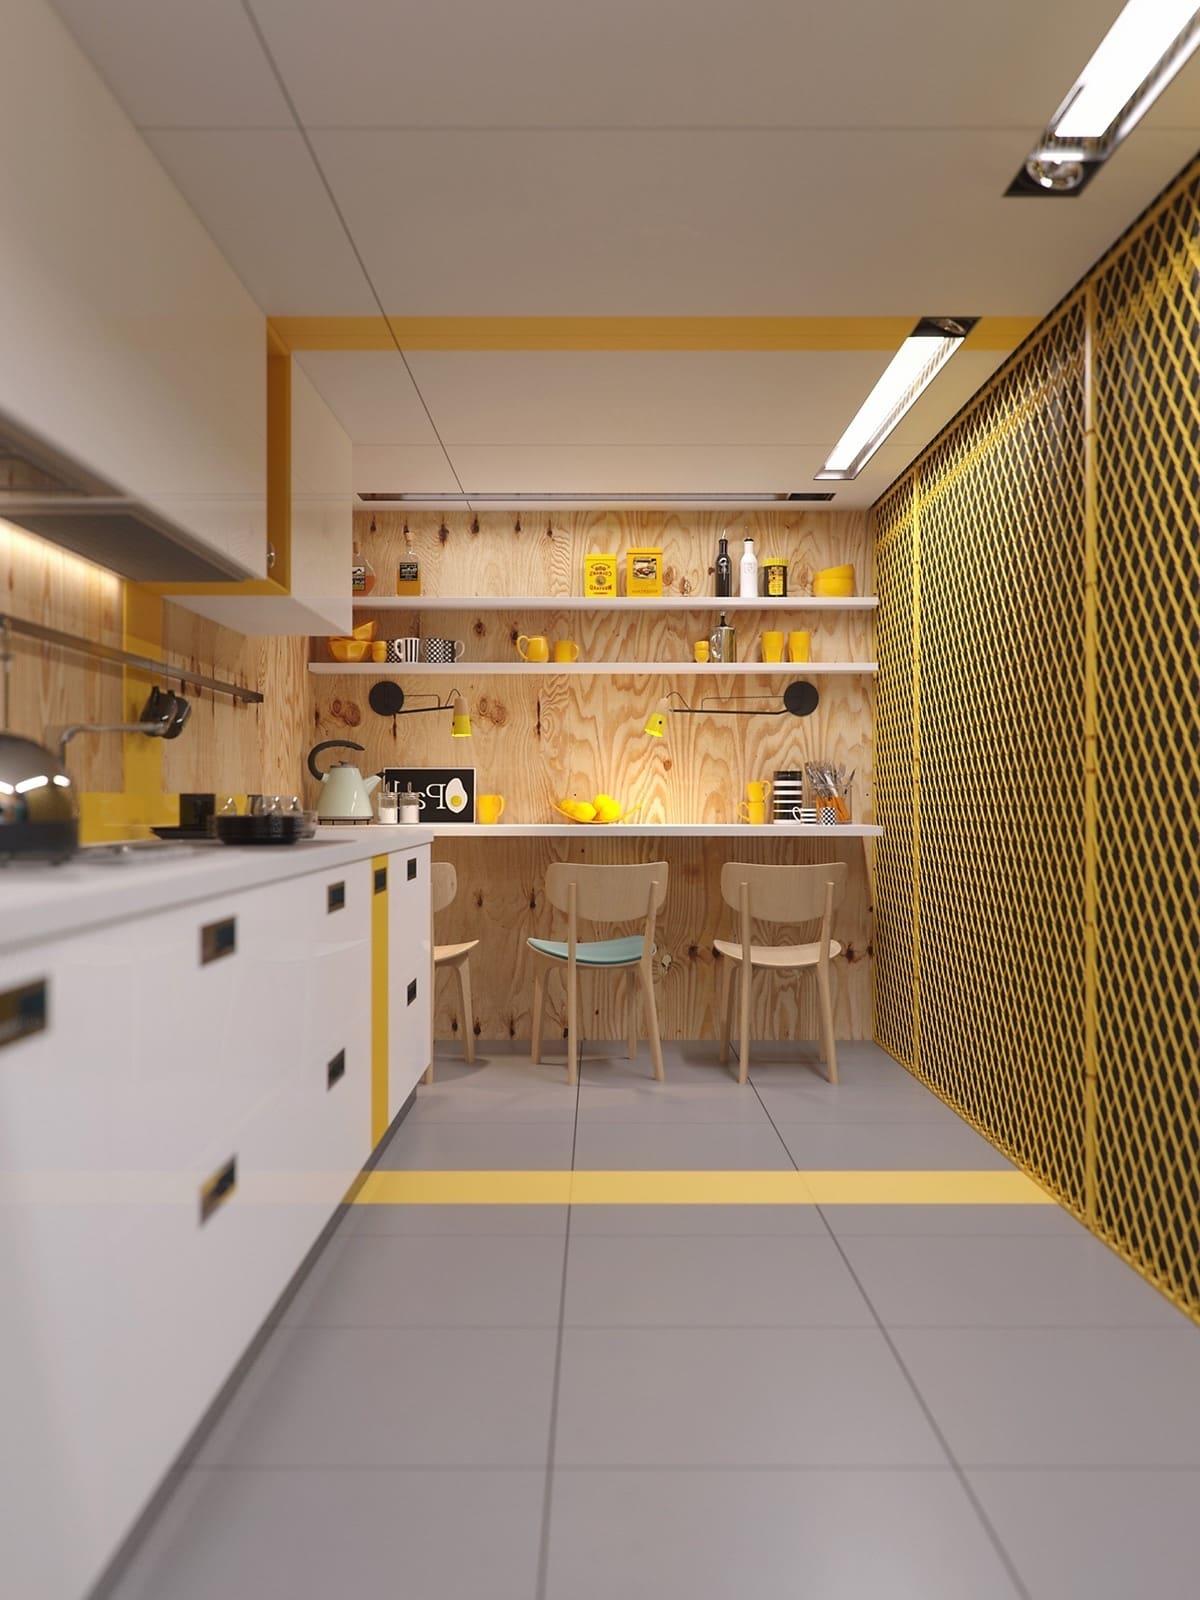 Une conception magnifique, voire parfaite, d'une cuisine étroite avec un éclairage bien organisé de toutes les zones fonctionnelles.